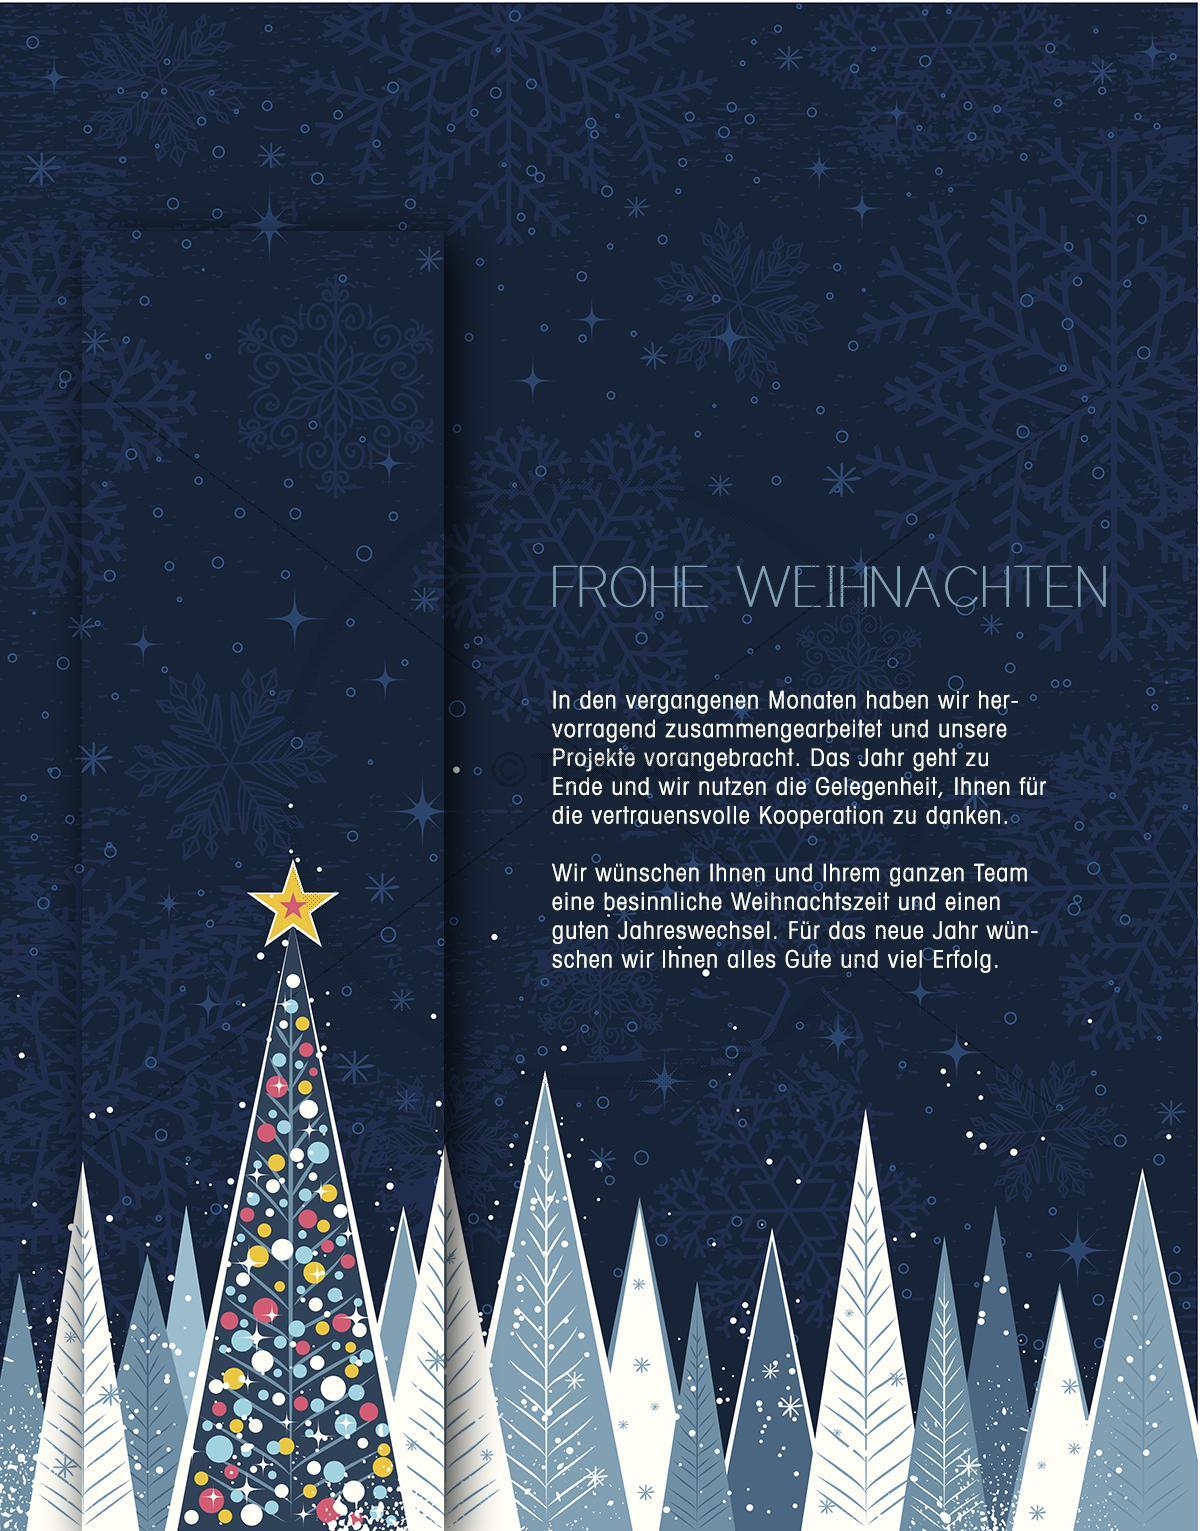 geschäftliche Weihnachts eCard für Kunden (355)